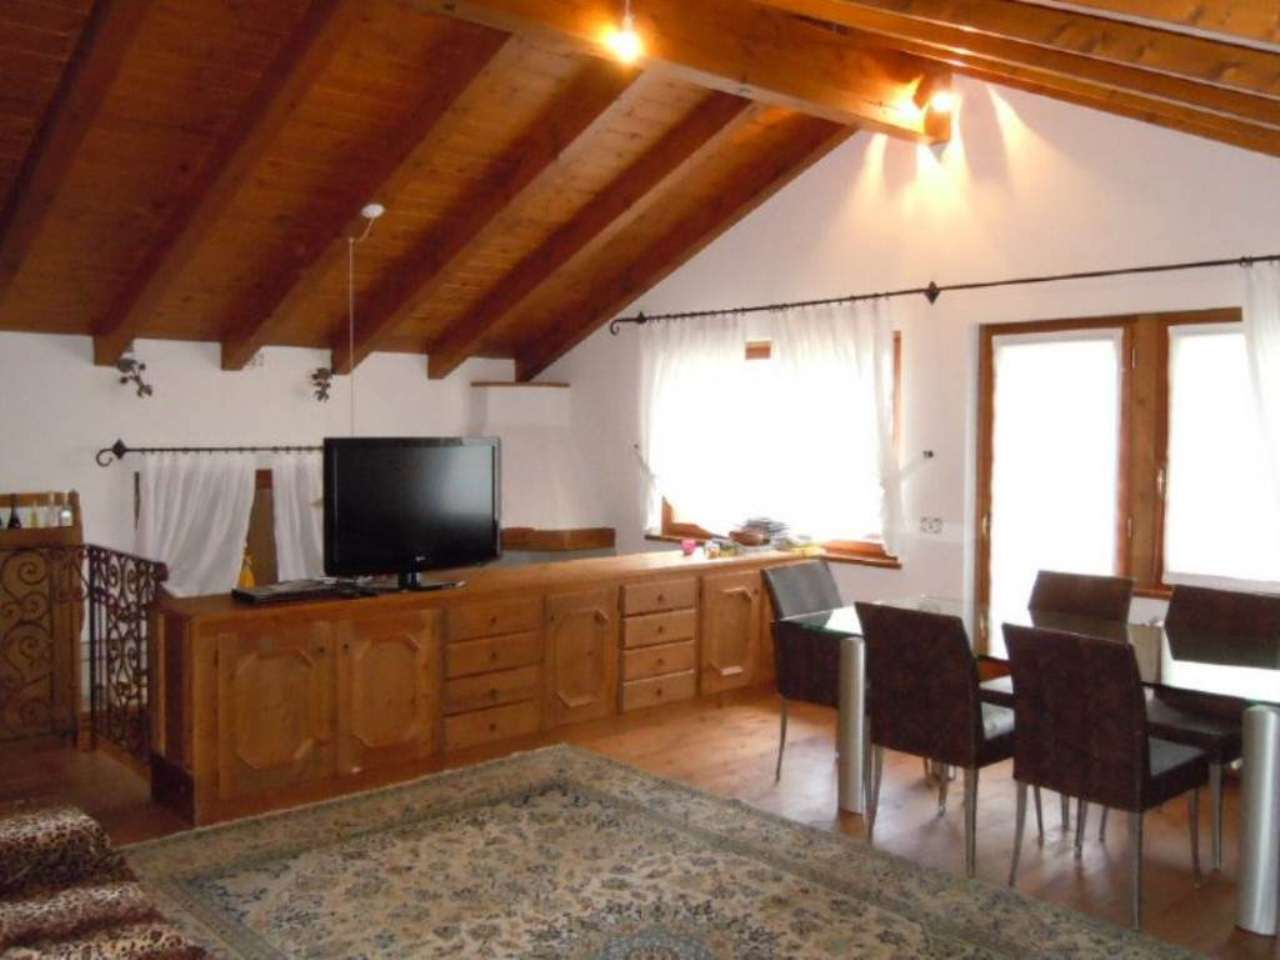 Attico / Mansarda in vendita a Borca di Cadore, 5 locali, prezzo € 350.000 | Cambio Casa.it